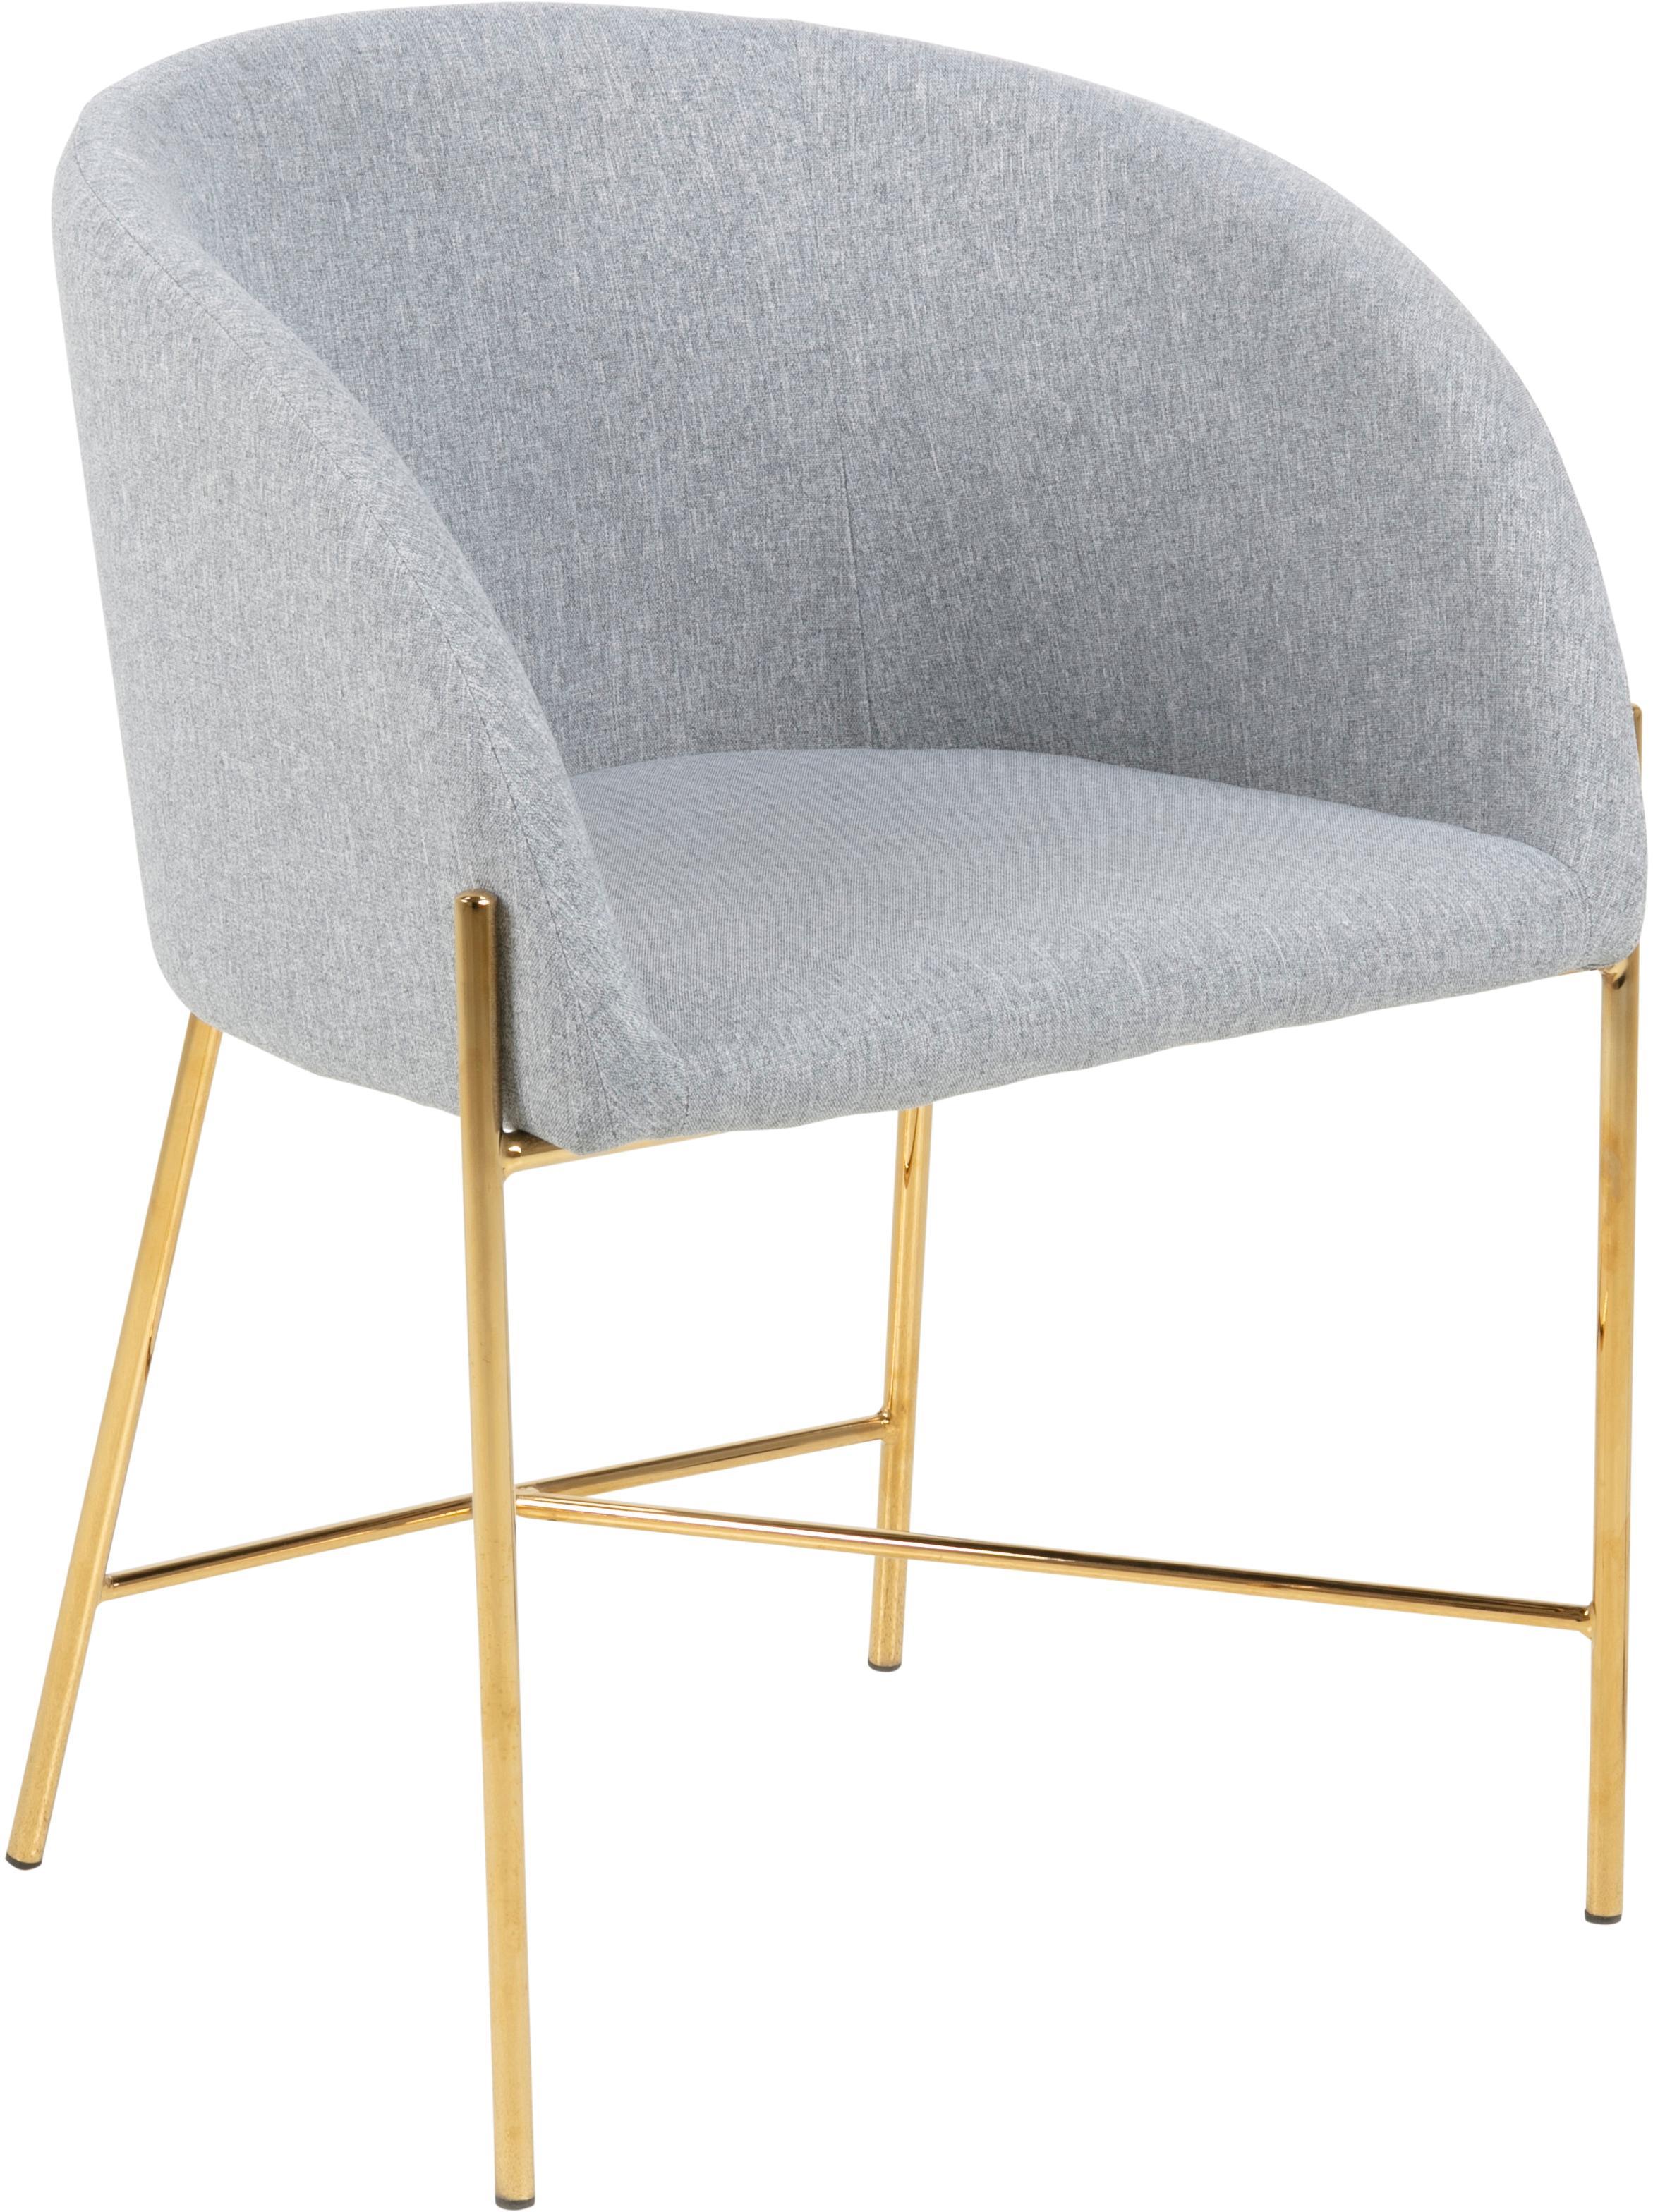 Sedia con braccioli Nelson, Rivestimento: poliestere 25.000 cicli d, Gambe: metallo cromato, Tessuto grigio chiaro, gambe dorate, Lung. 56 x Prof. 54 cm